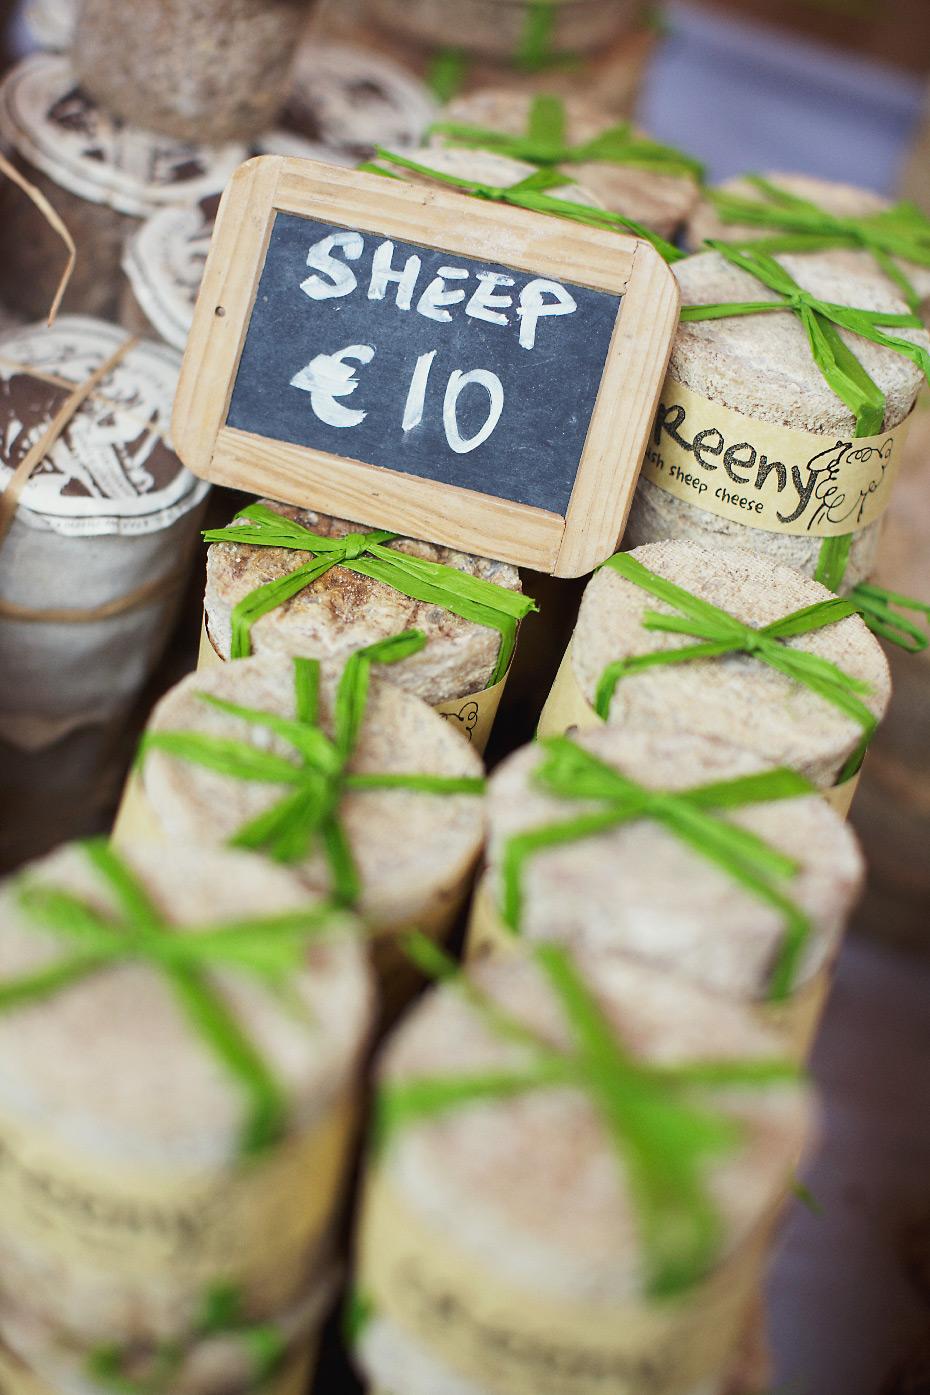 Stacey Van Berkel Photography I Creeny Sheep Cheese from Corleggy Cheeses I Dublin Farmer's Market I Dublin Ireland